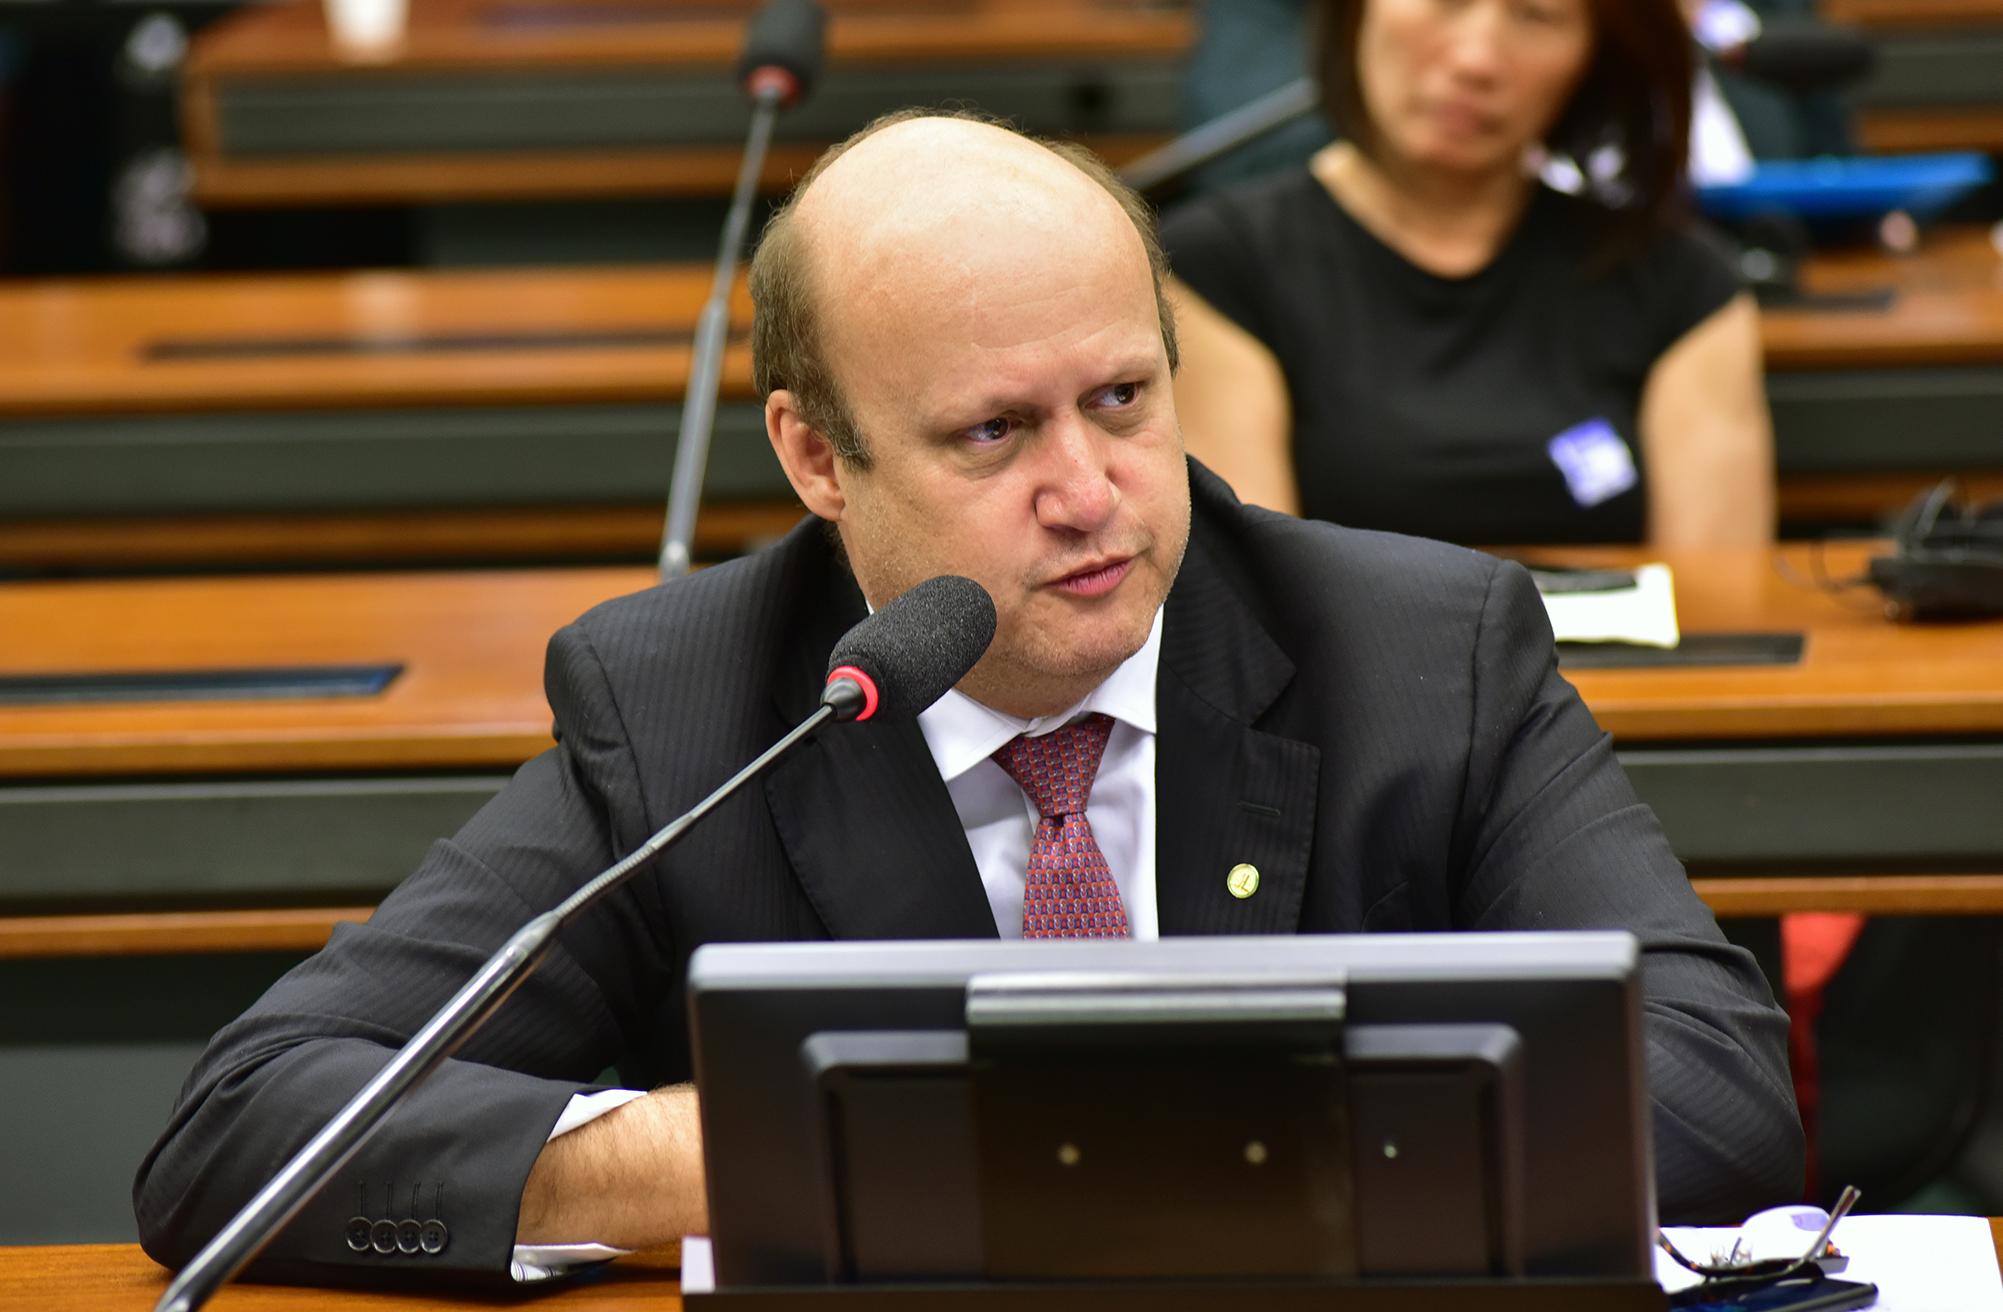 Reunião Ordinária da Subcomissão Especial Carreira Médica. Dep. Célio Silveira (PSDB - GO)